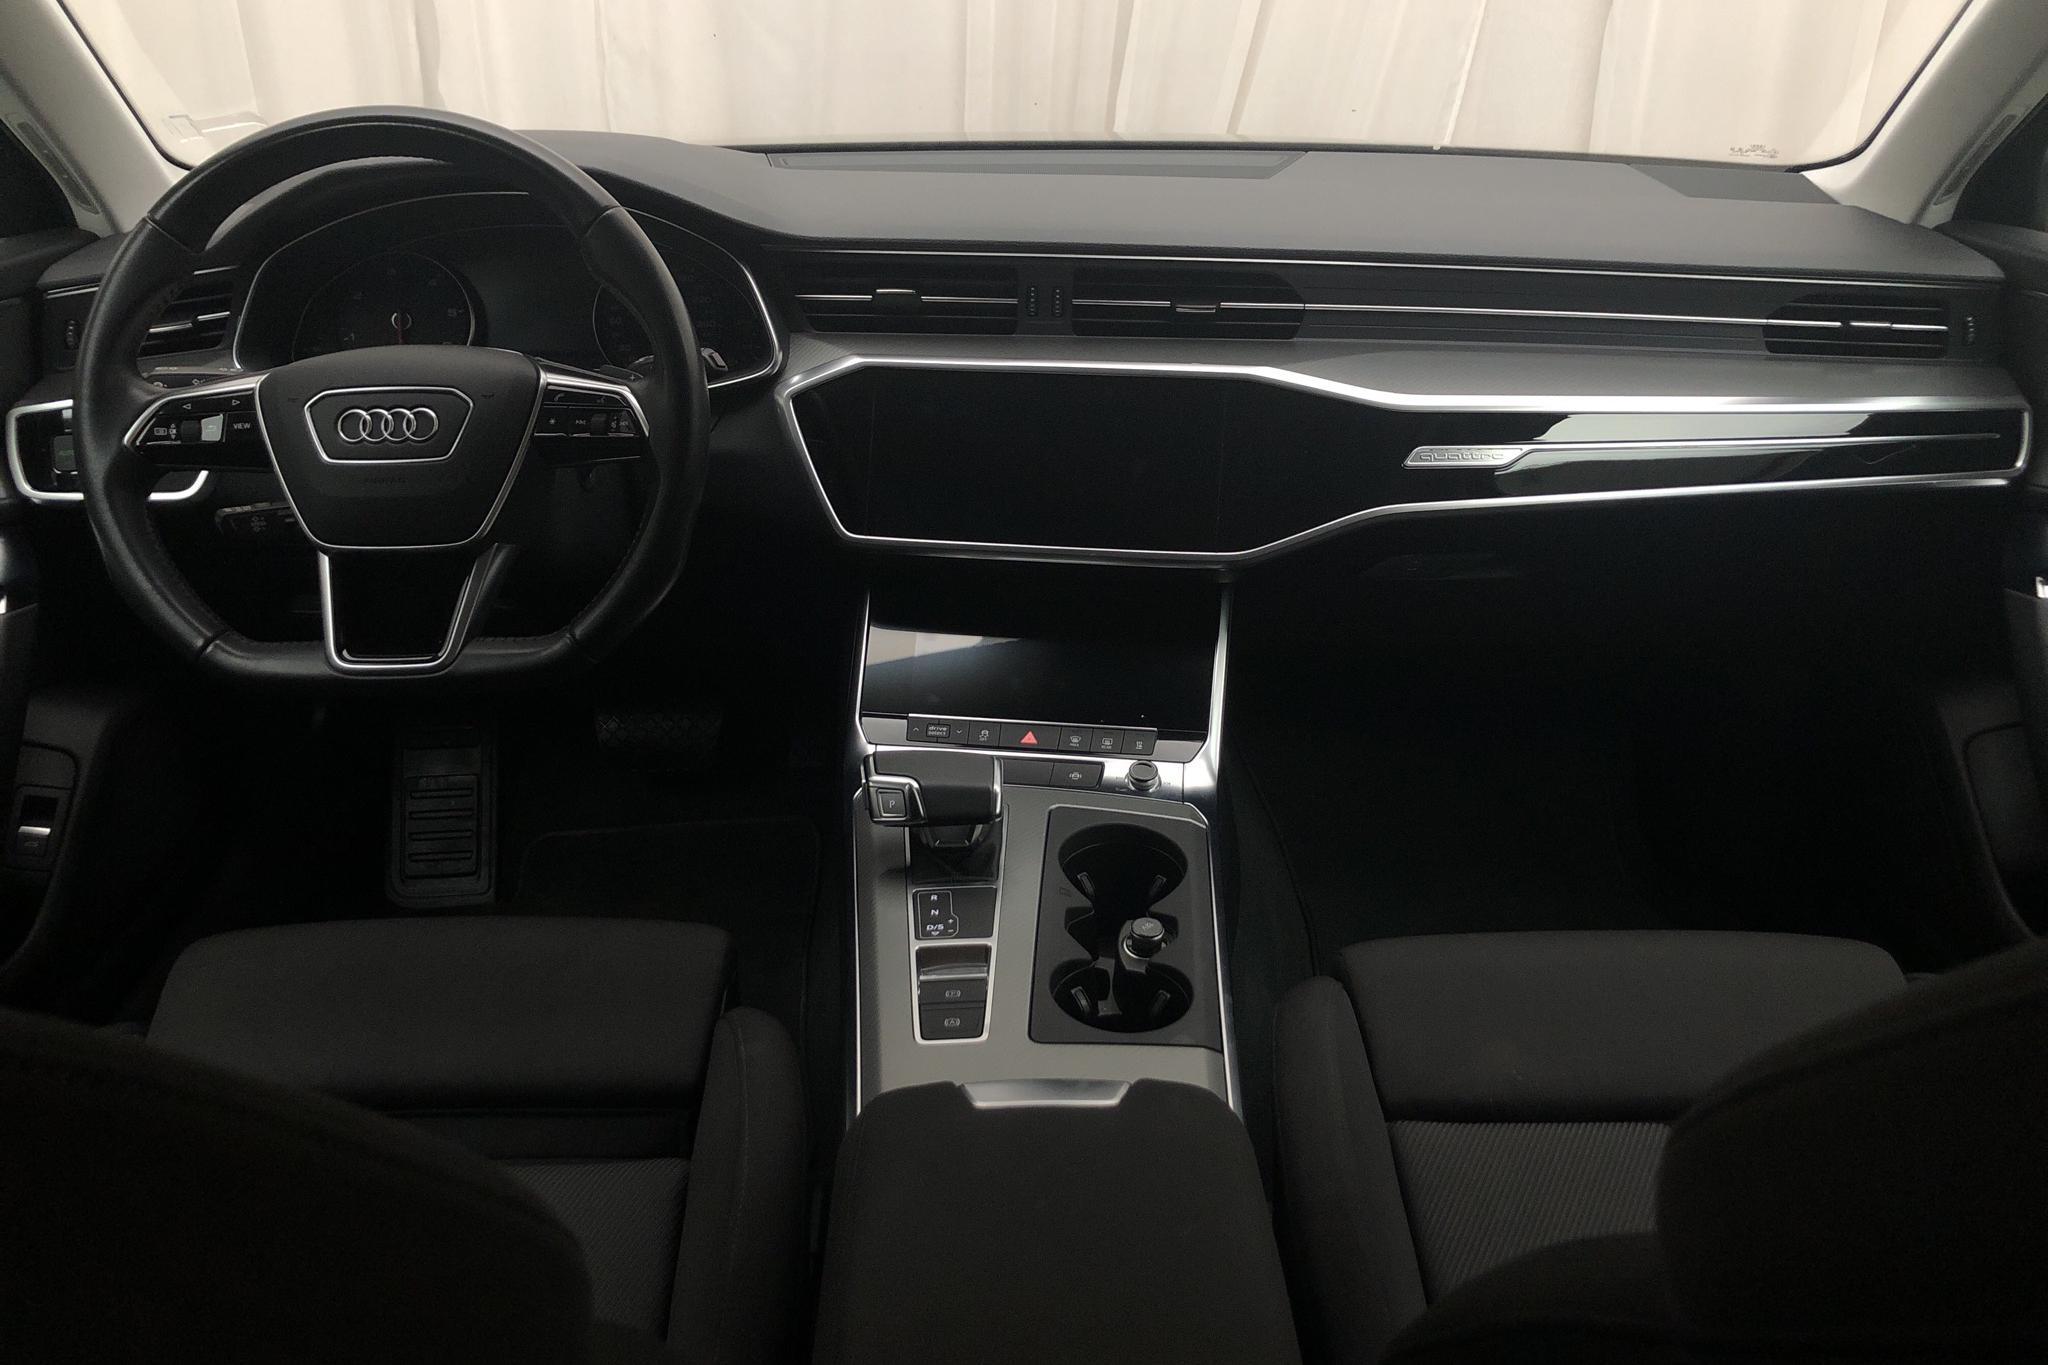 Audi A6 Avant 45 TDI quattro (231hk) - 6 794 mil - Automat - blå - 2019